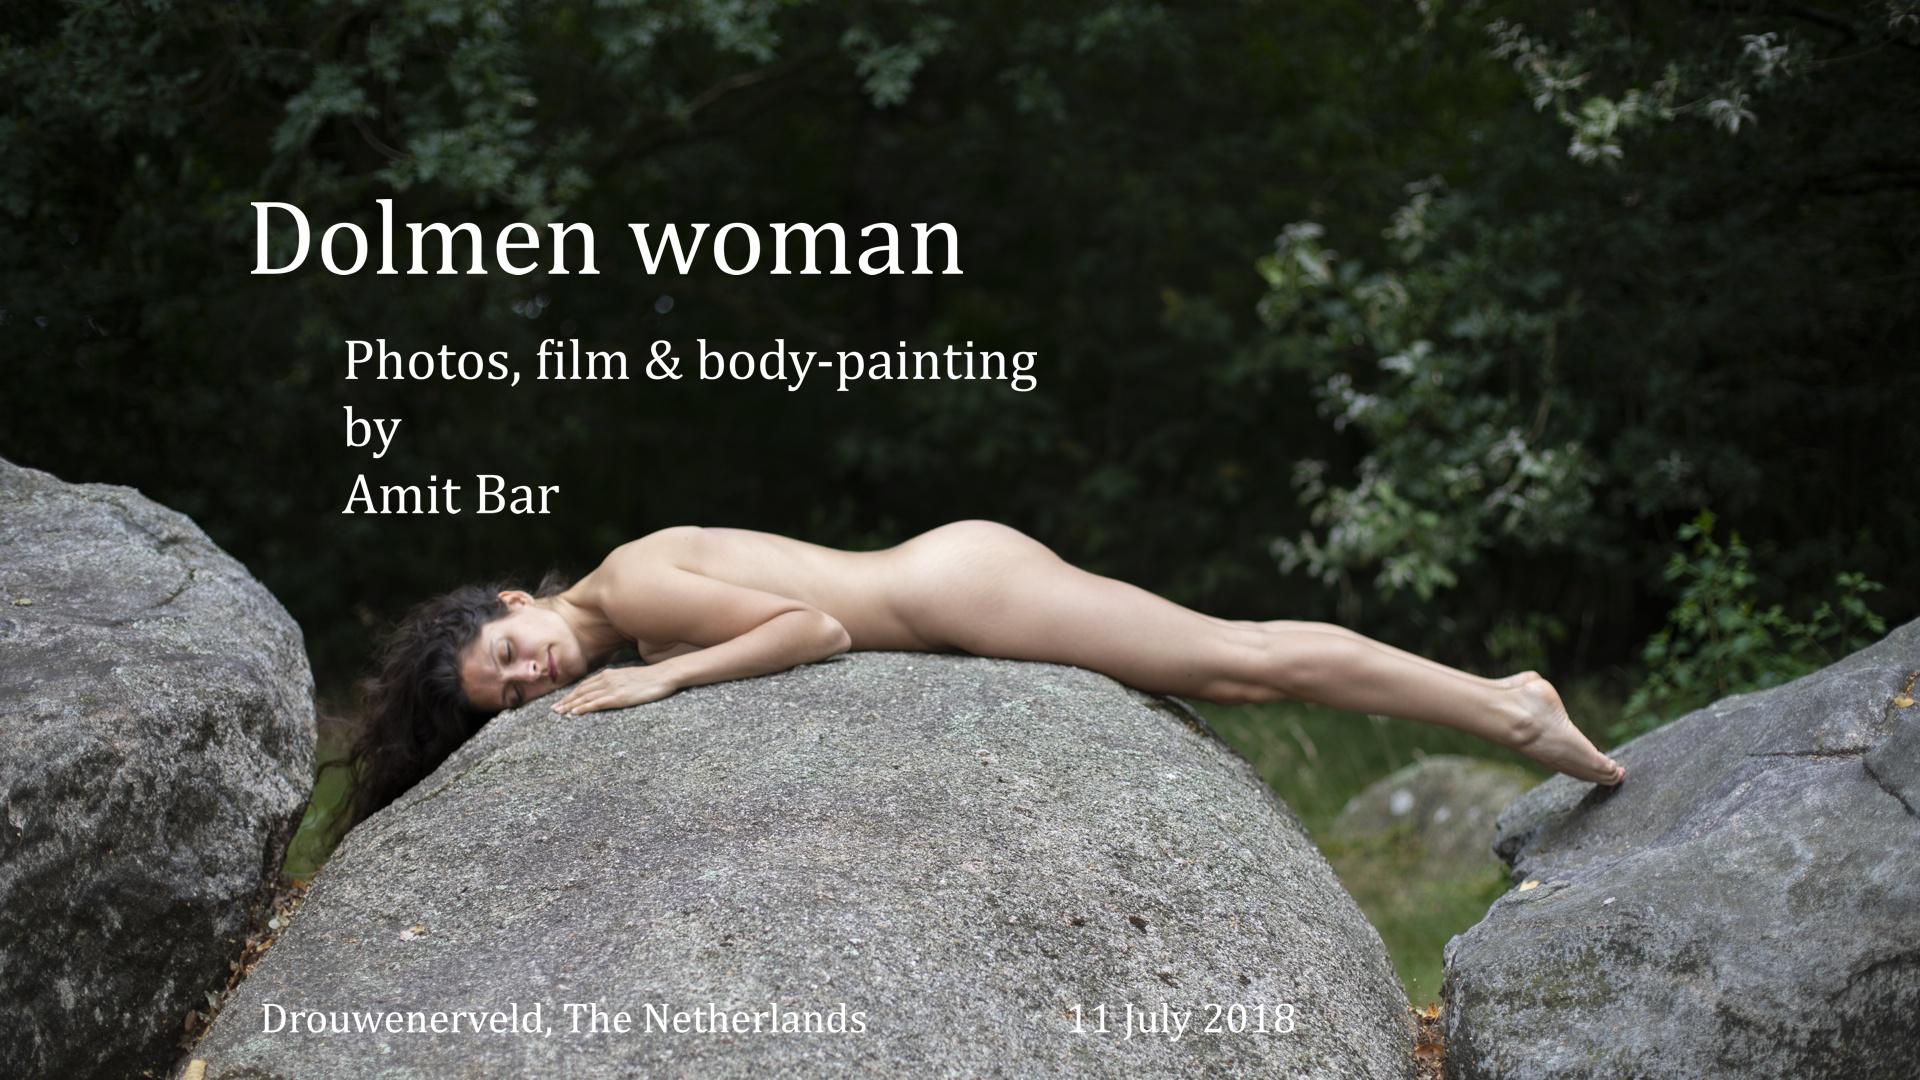 Dolmen woman video